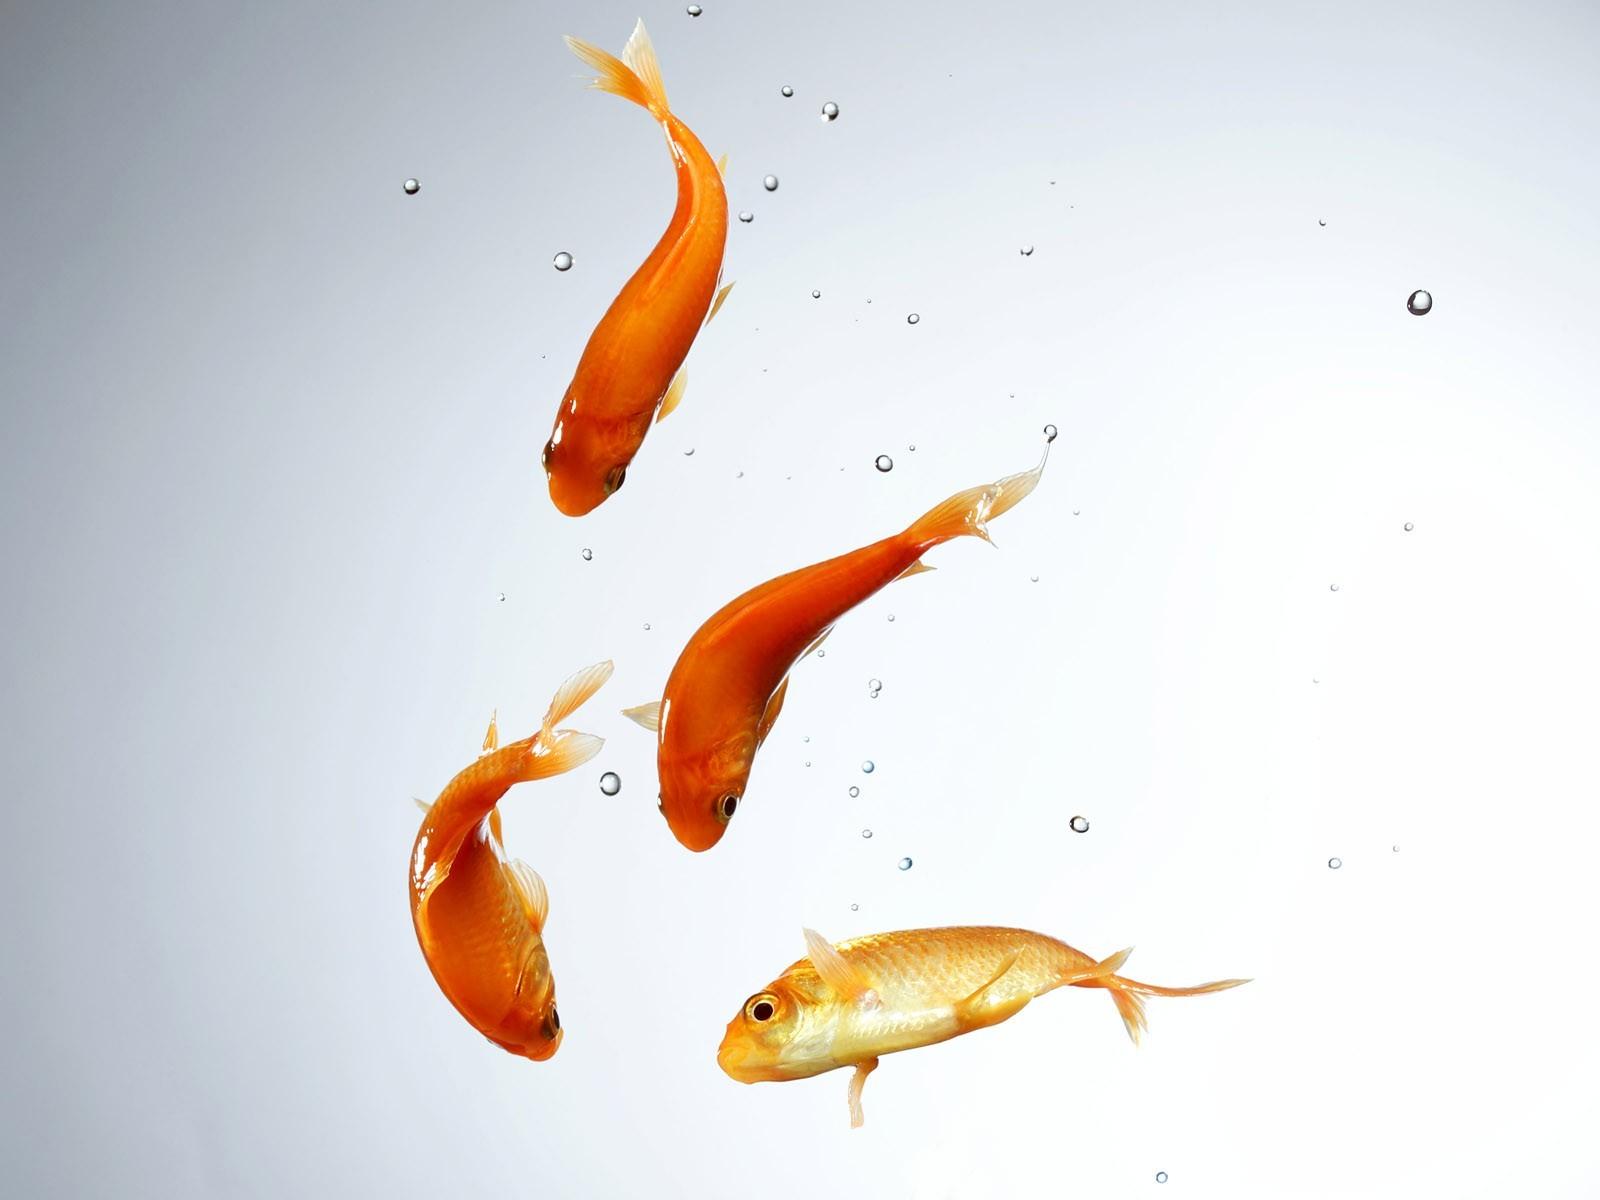 Рыба в воде обои на рабочий стол